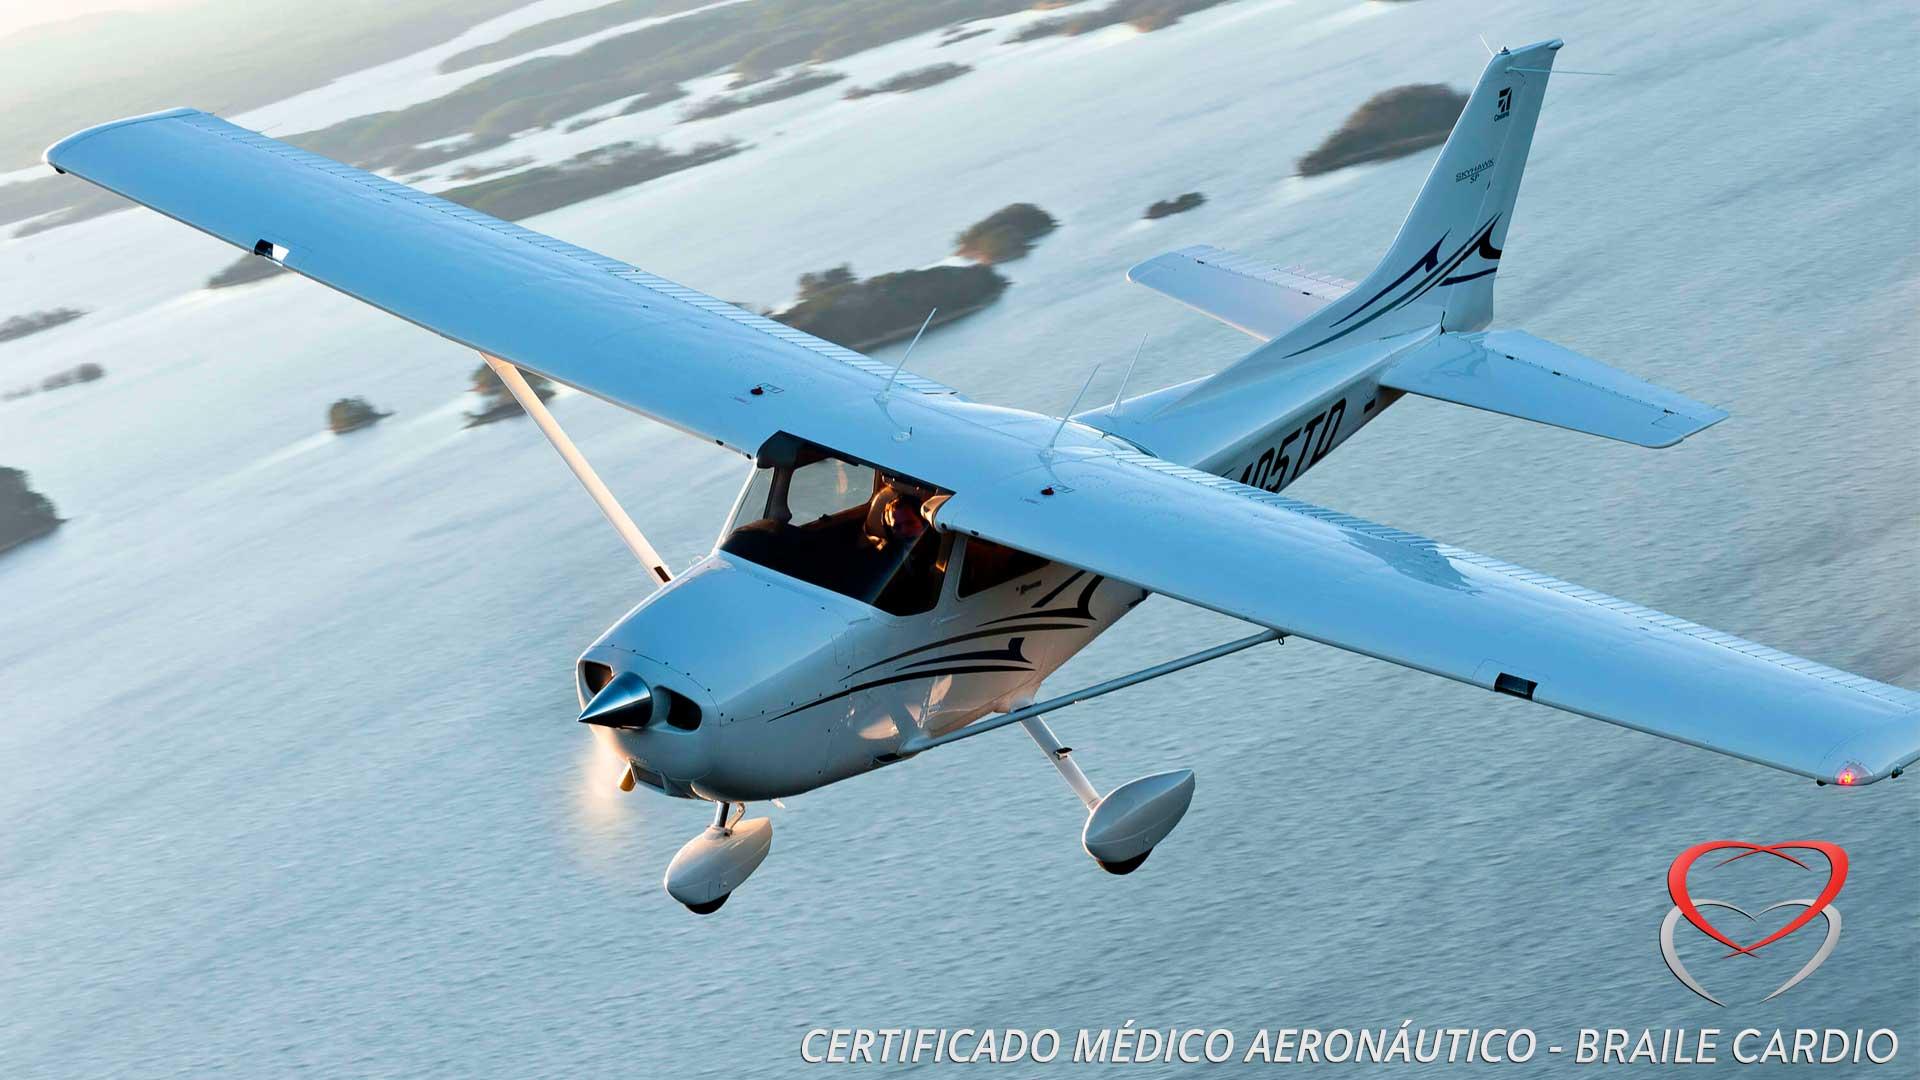 Certificado Médico Aeronáutico – Piloto de Recreio